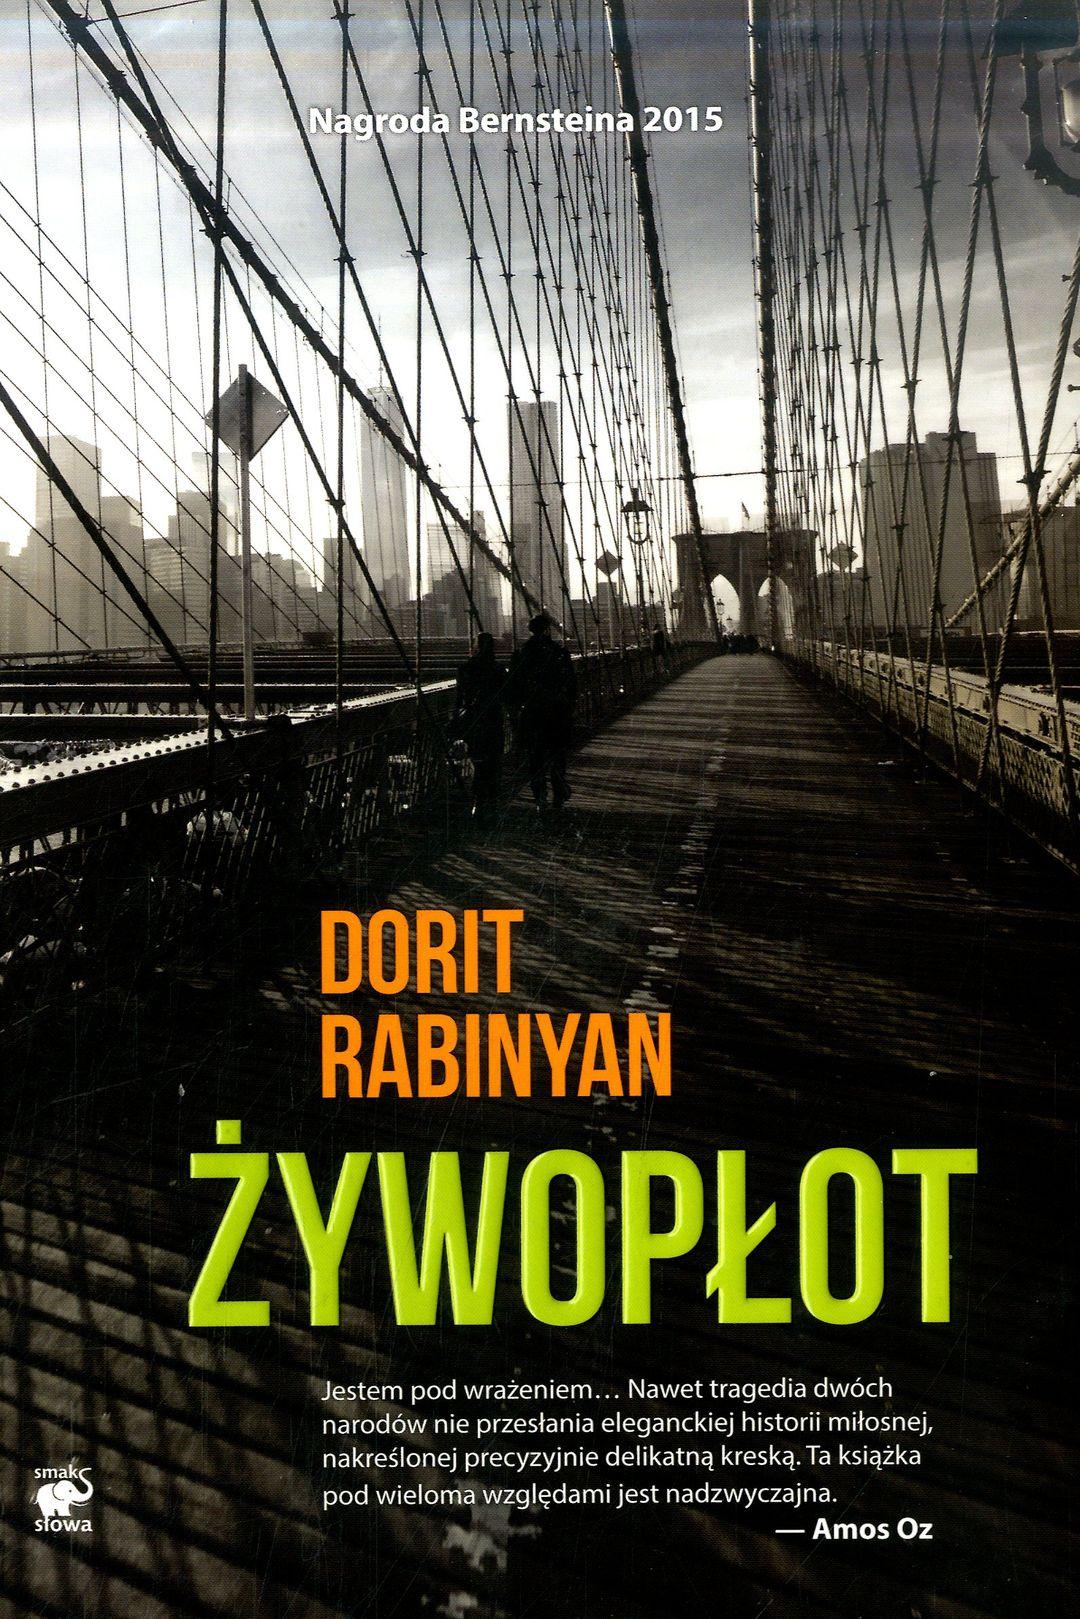 Rabinyan Dorit Zywoplot